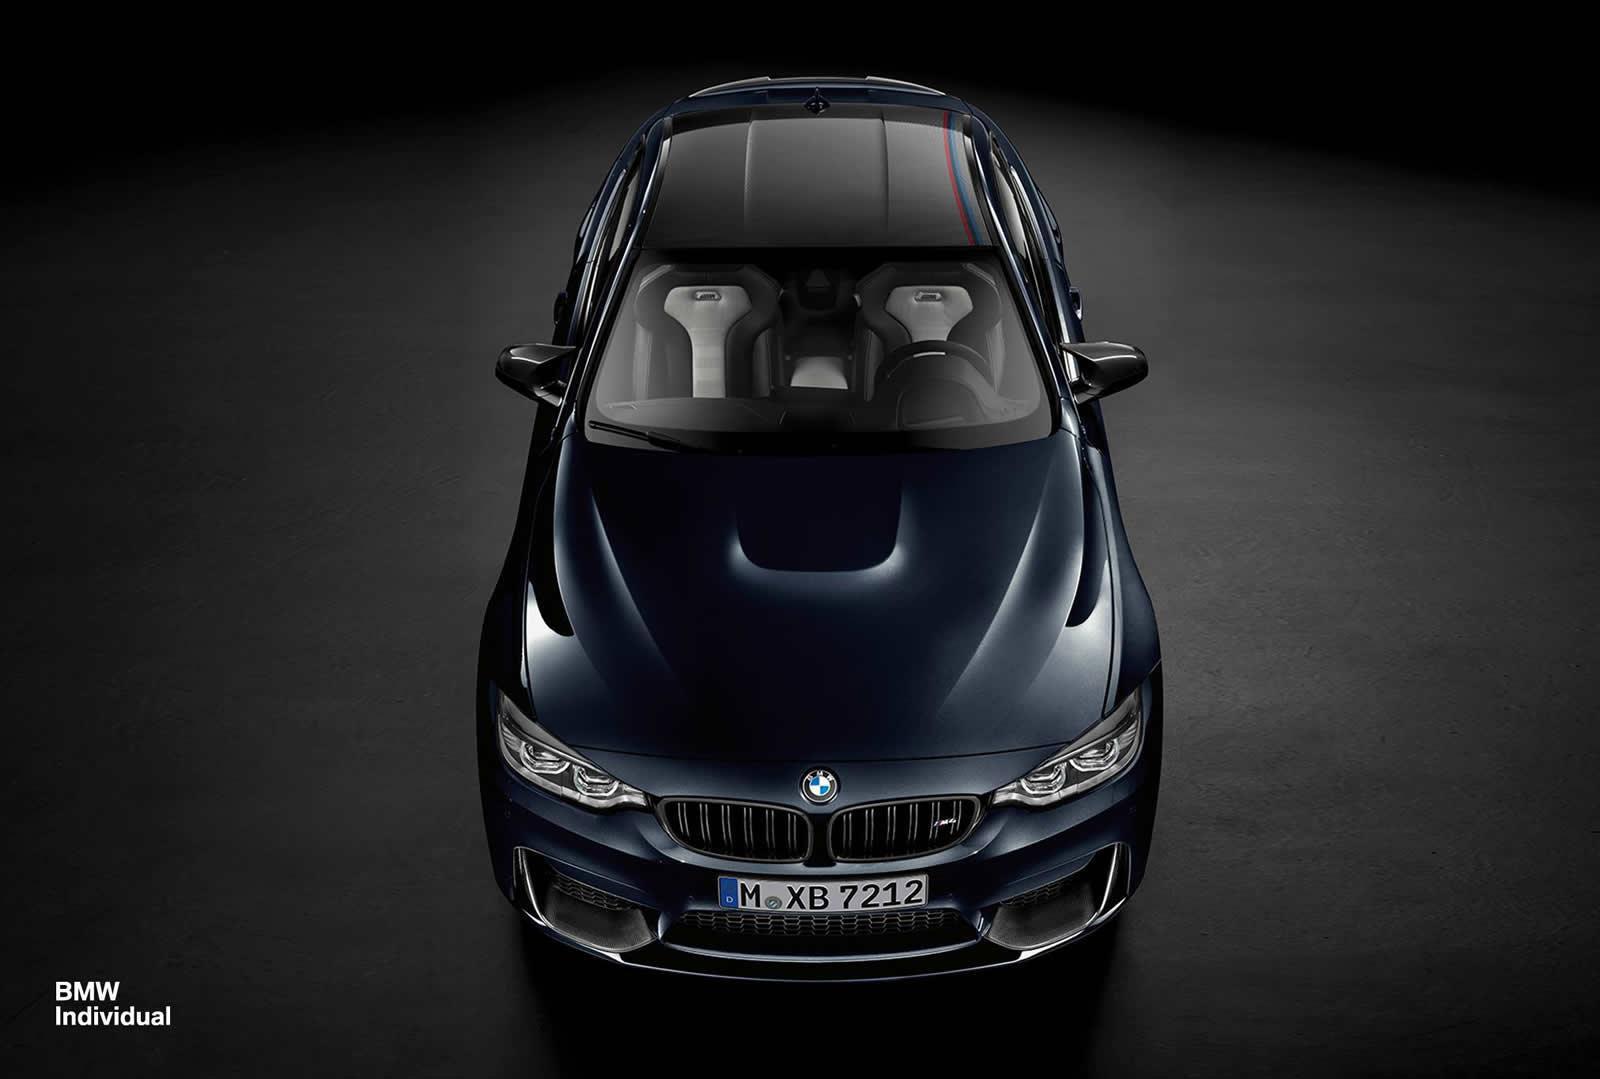 BMW индивидуальный pразднует 25-летие с таможней БМВ М4 куpе - фотография №1